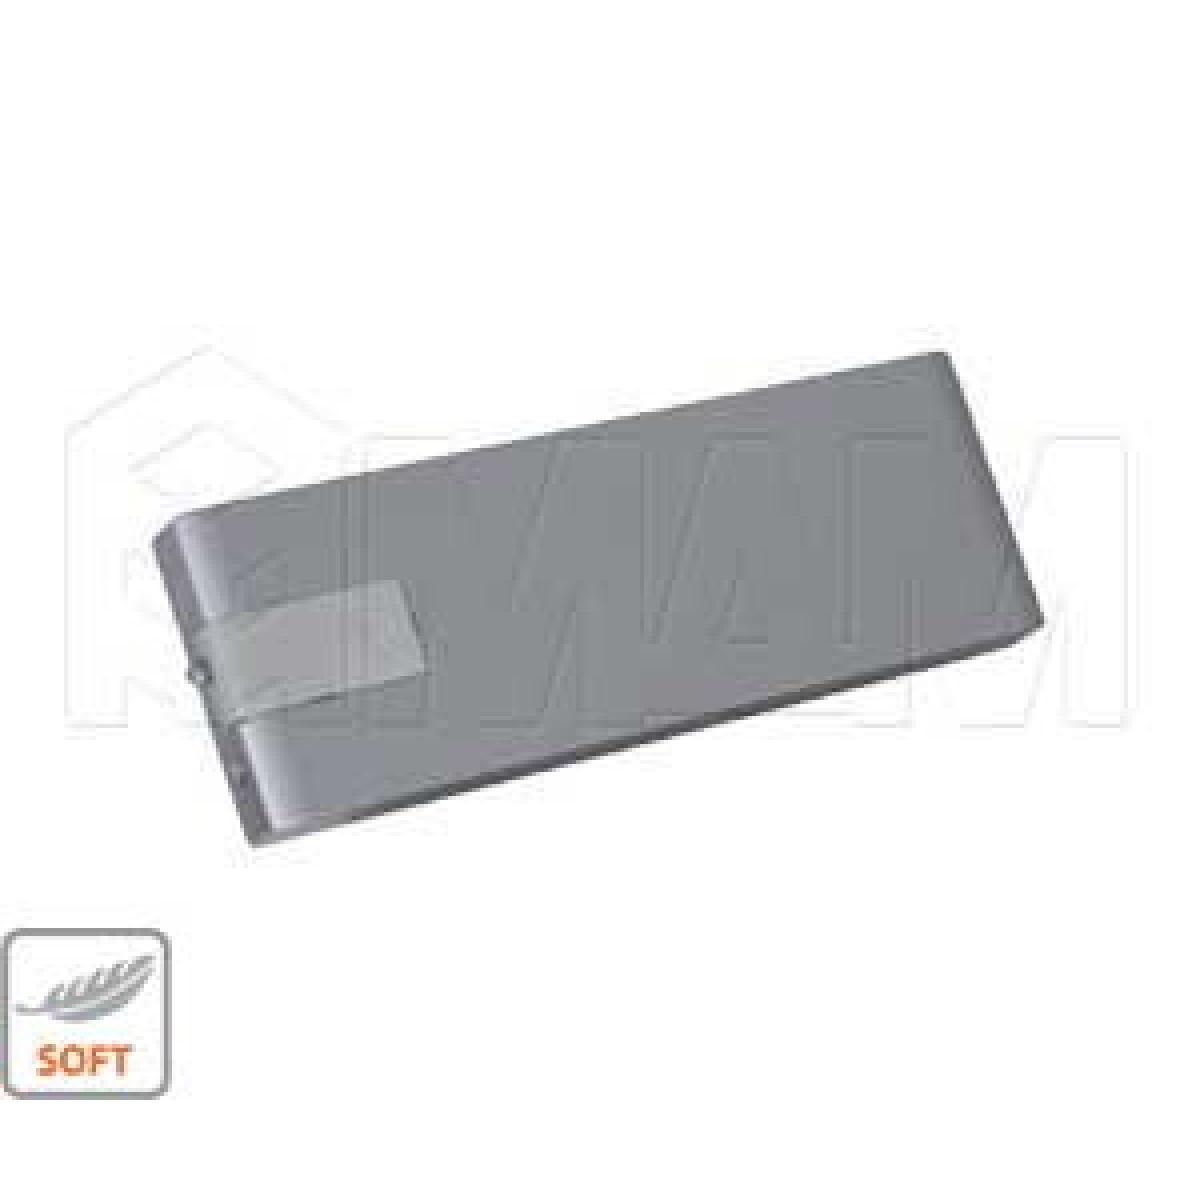 LINK Механизм для открывания фасада вниз AL280, серебро